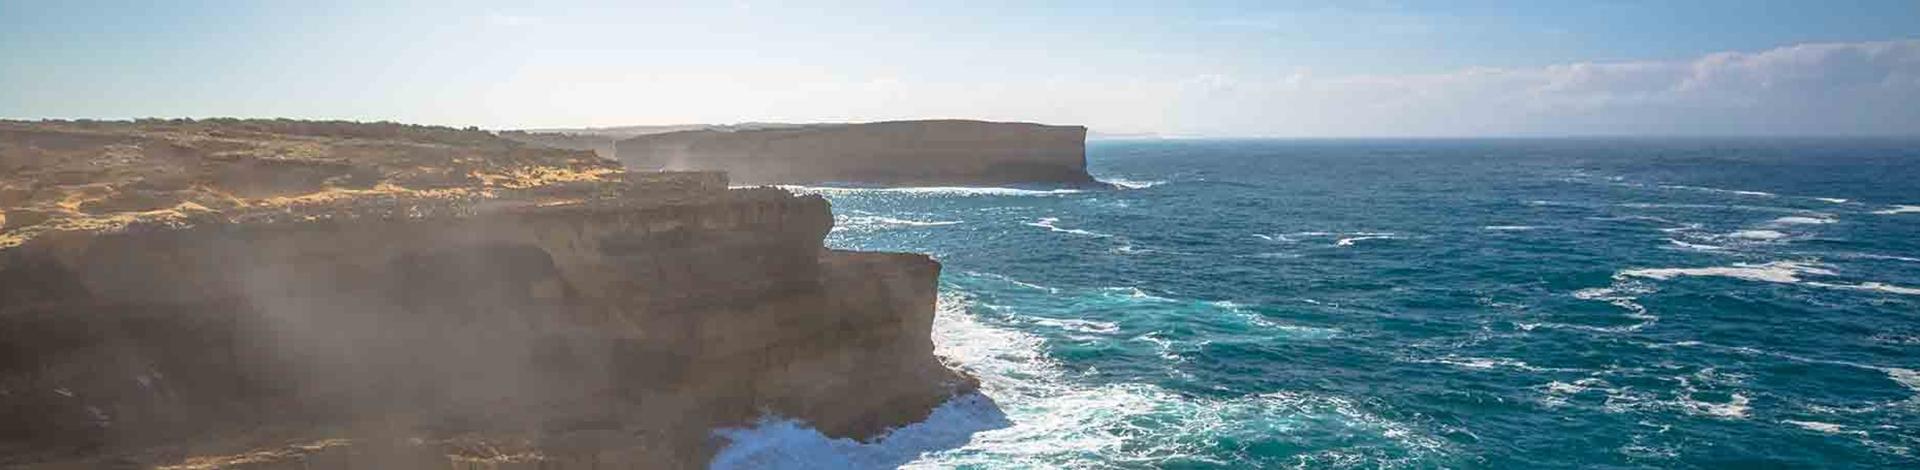 Kangaroo Island - Kingscote